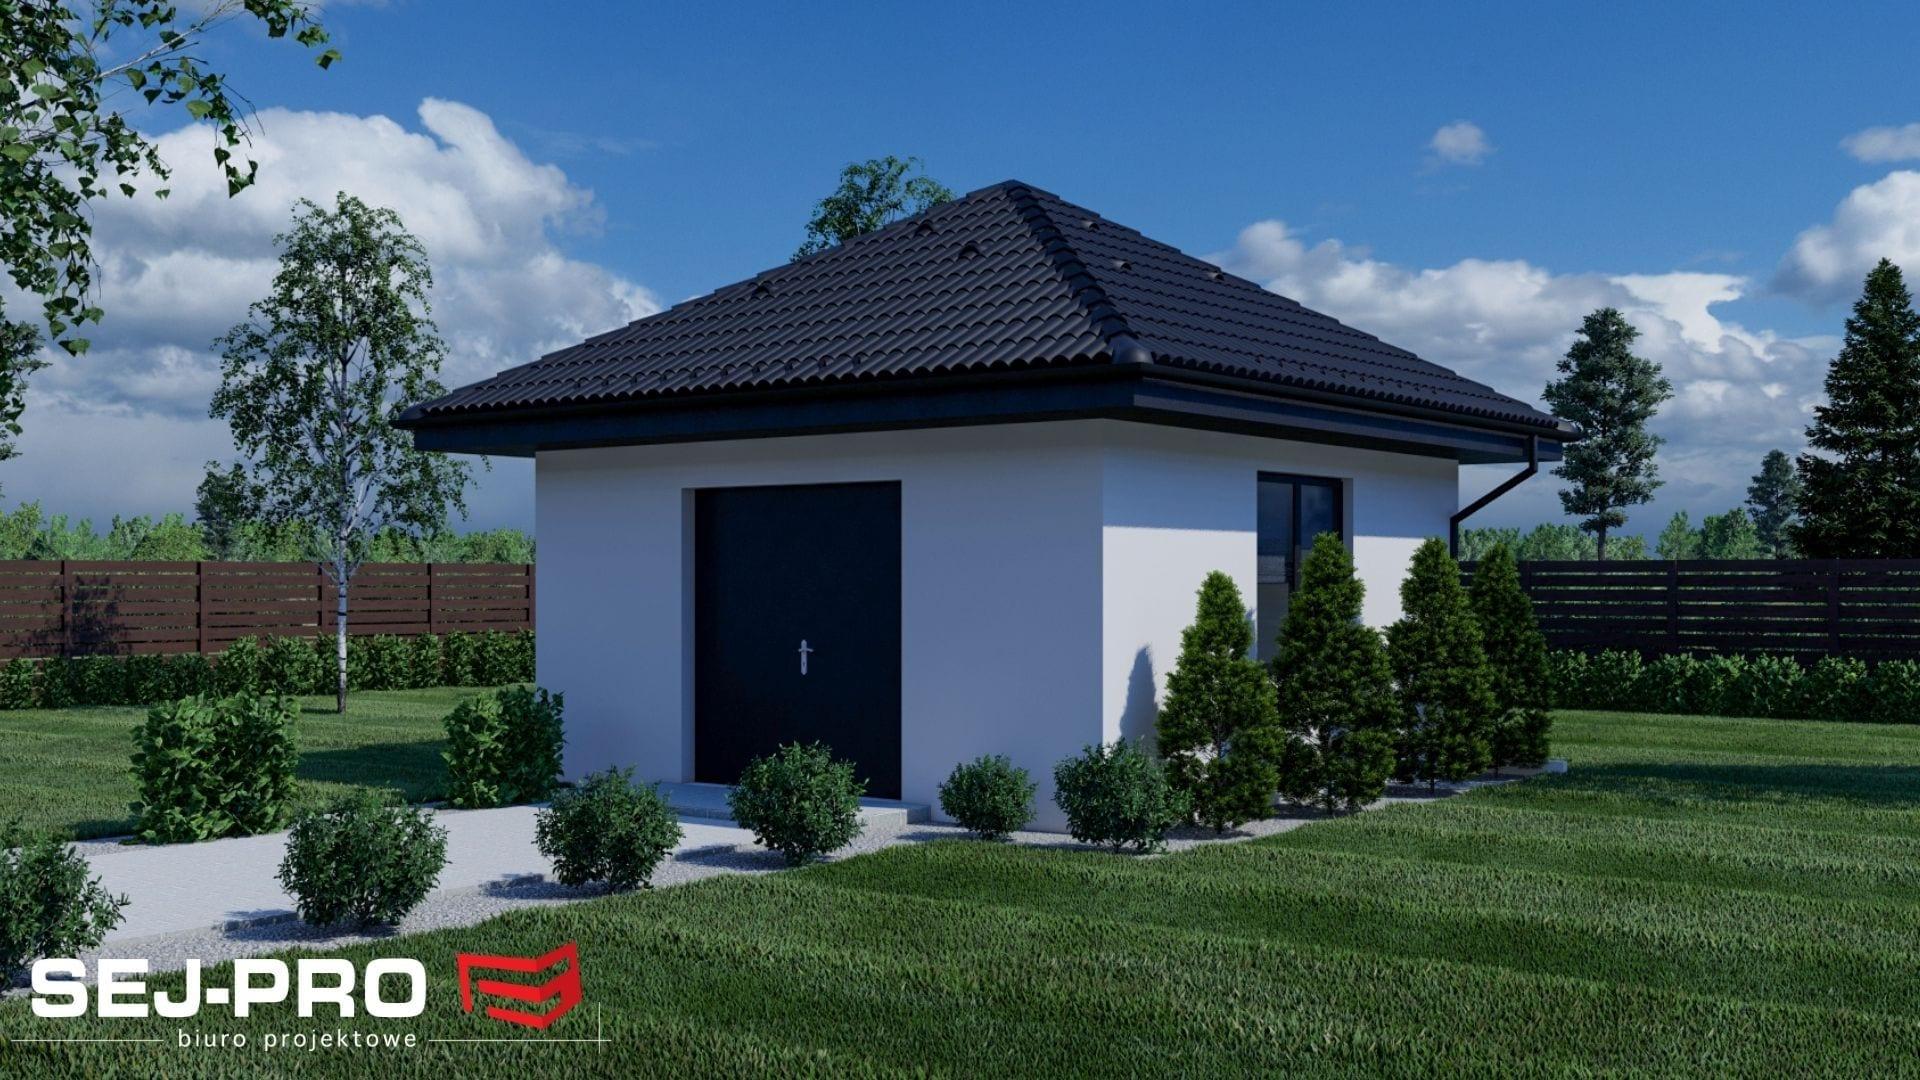 Inny projekt Budynek gospodarczy SEJ-PRO B001